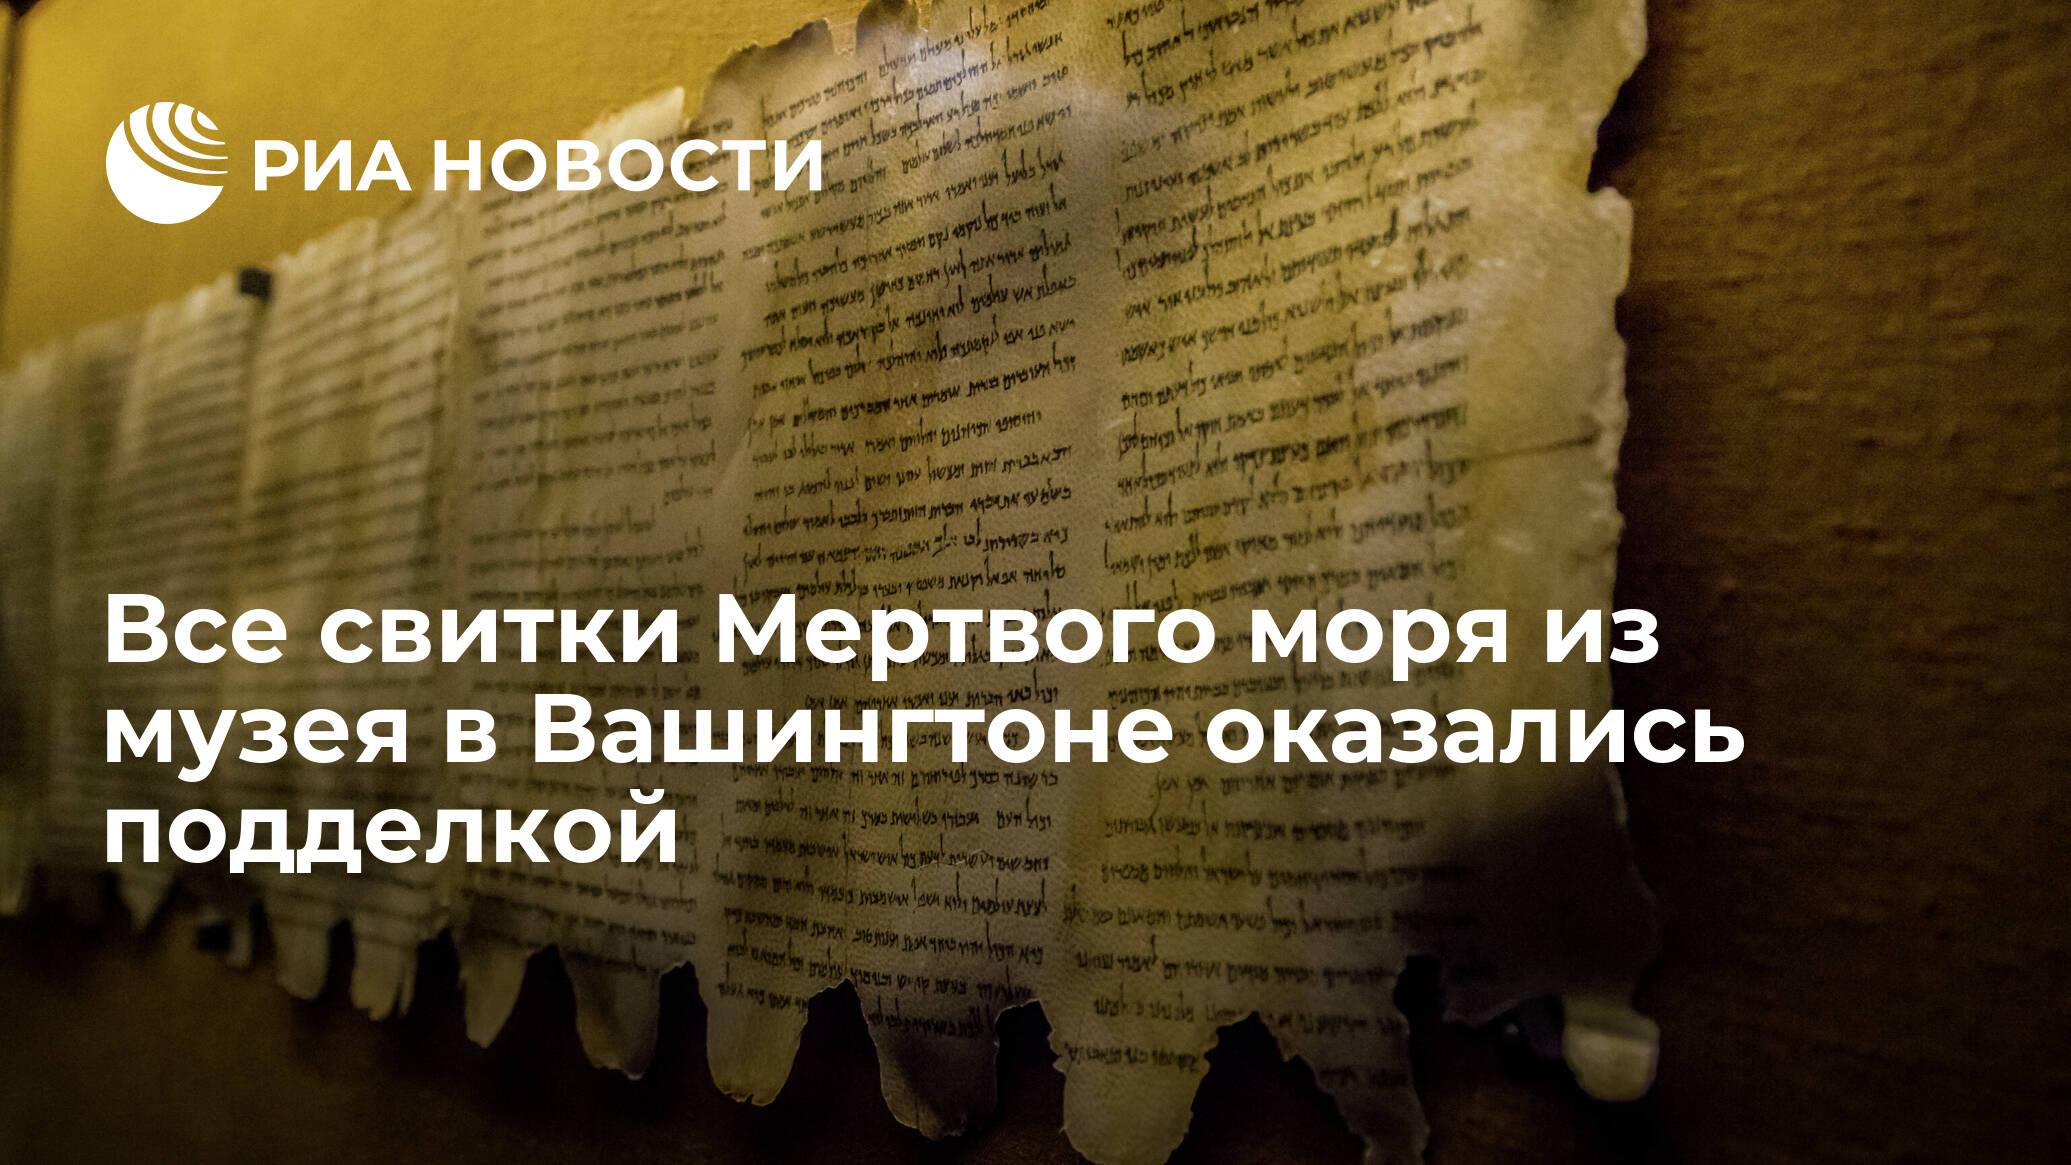 Все свитки Мертвого моря из музея в Вашингтоне оказались подделкой